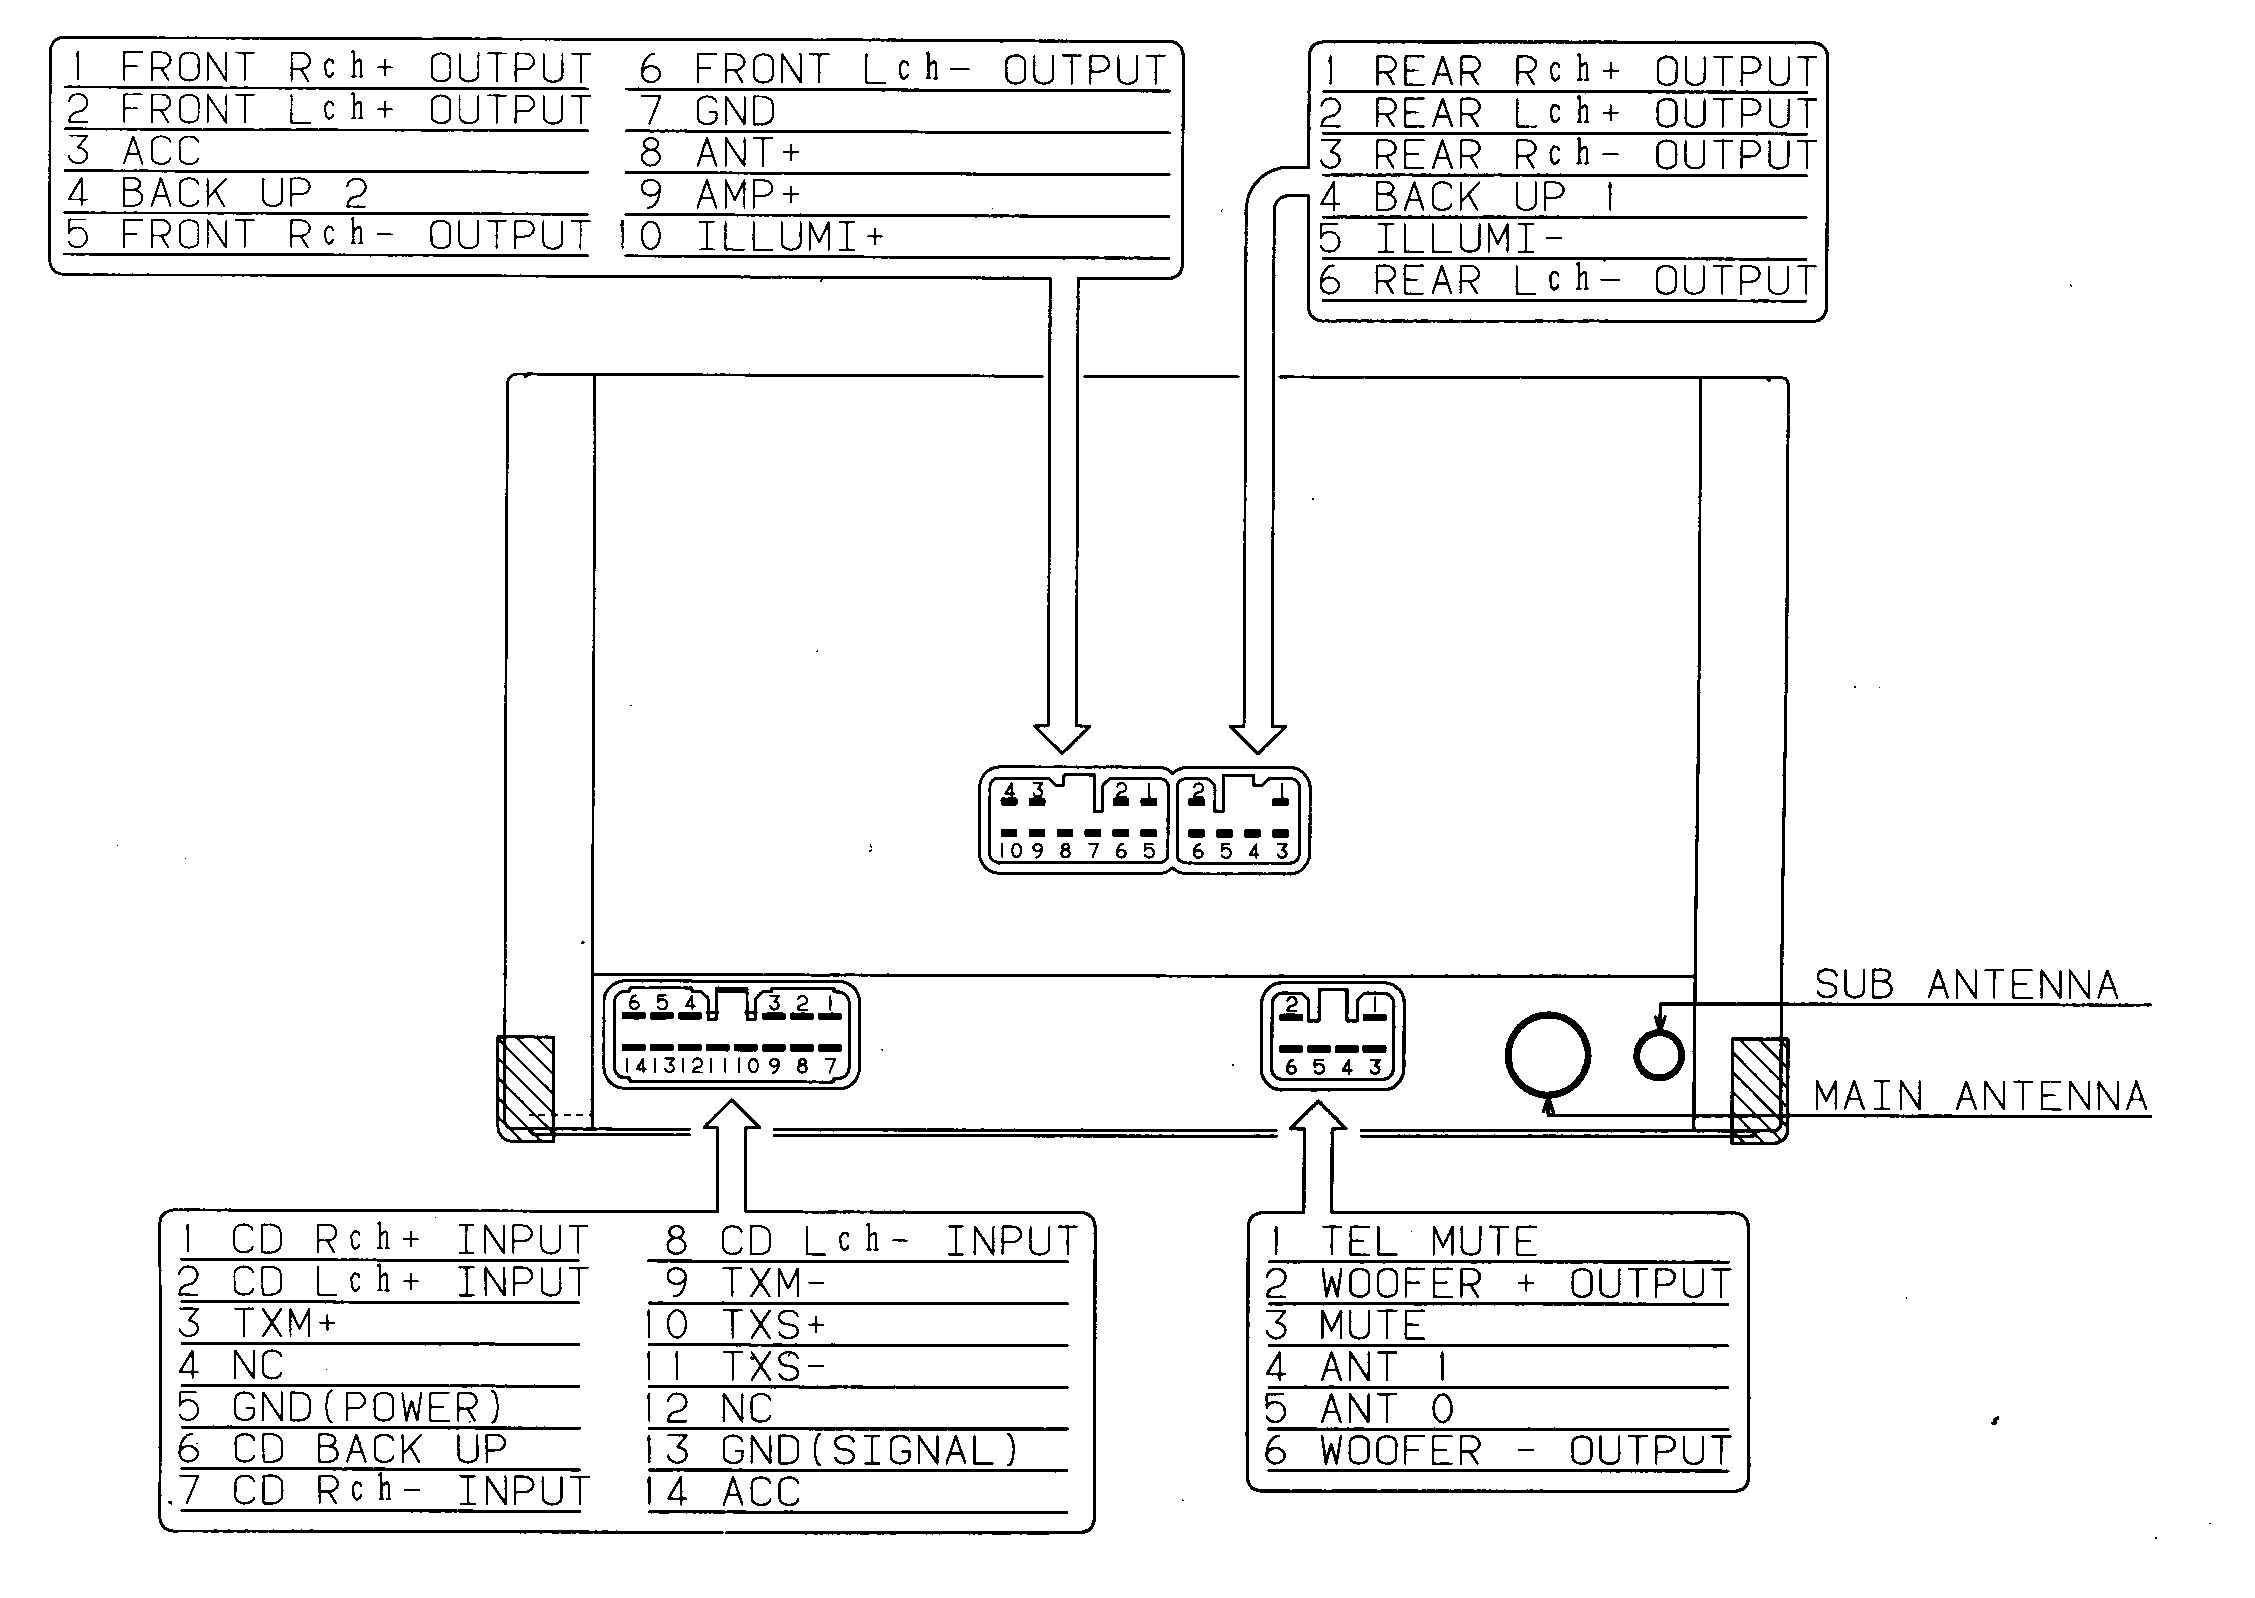 Universal Cd Player Wiring Diagram - Schema Wiring Diagram - Sony Xplod Car Stereo Wiring Diagram